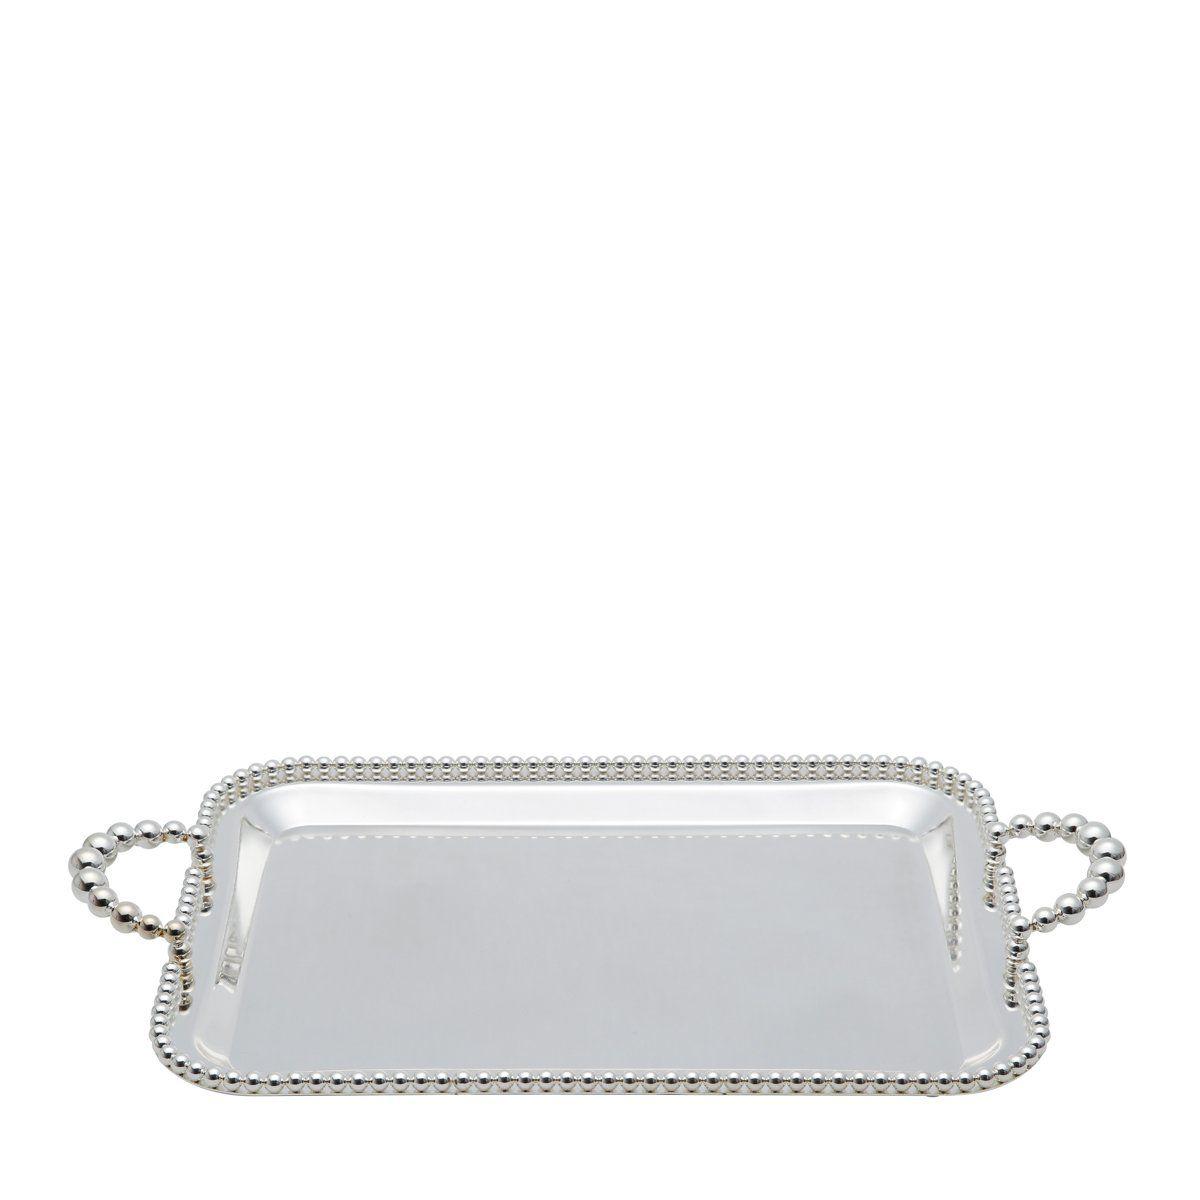 Bandeja retangular 43,2 x 26 cm de zamac banhado em prata com alça Balls Lyor - L3760